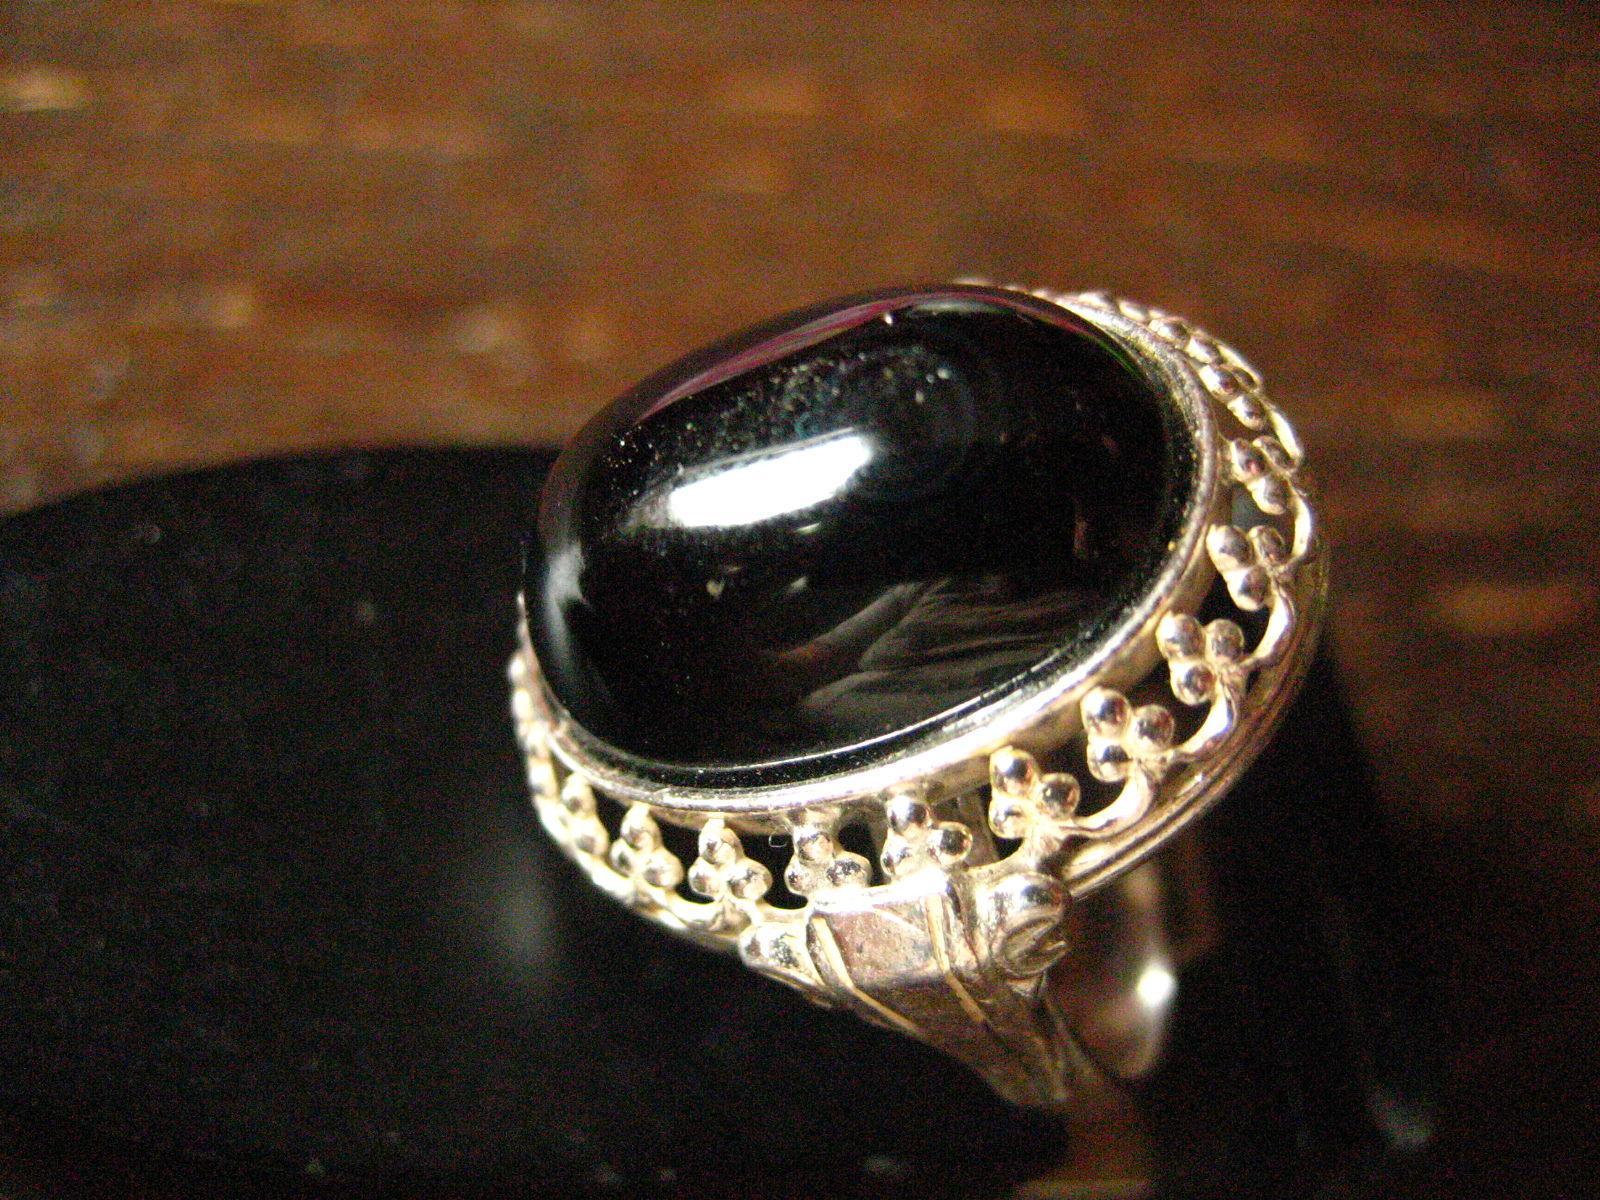 super-toller-art-deco-designer-ring-onyx-reich-verziert-835er-silber-18--5-mm Verwunderlich Reich Werden Mit Silber Dekorationen